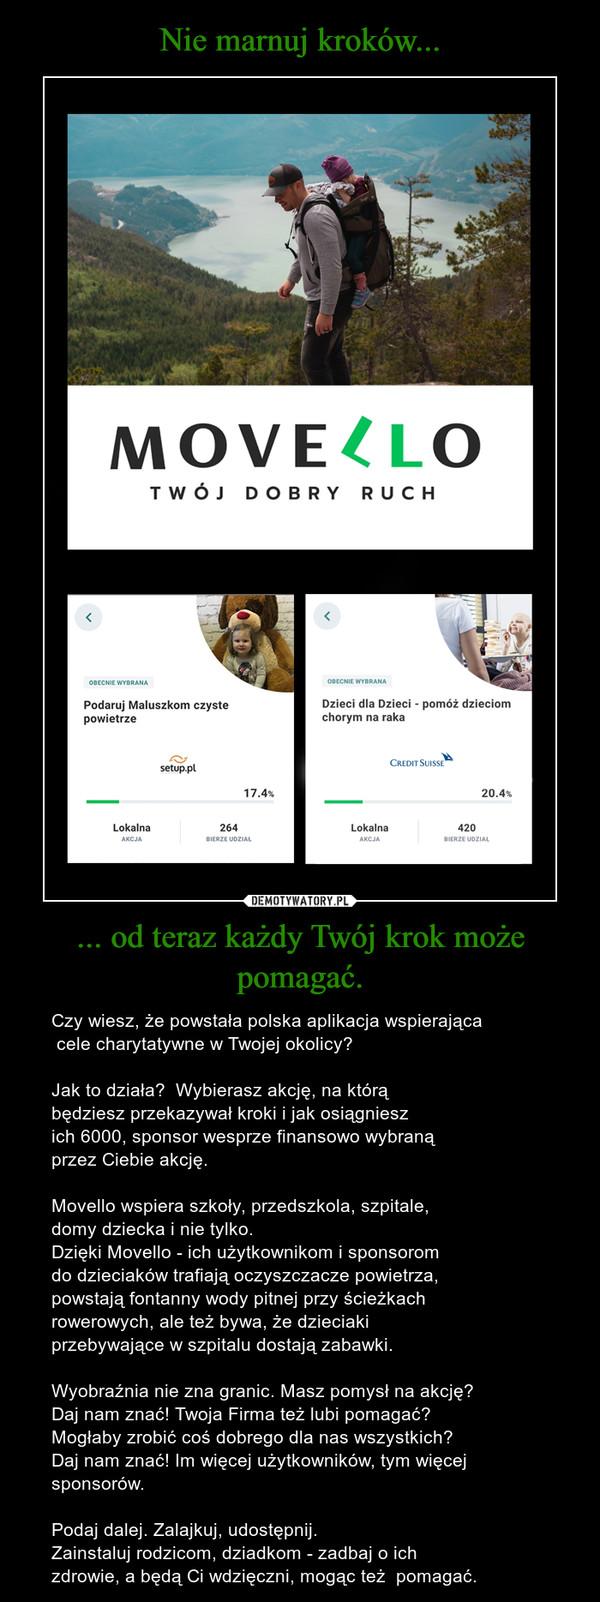 ... od teraz każdy Twój krok może pomagać. – Czy wiesz, że powstała polska aplikacja wspierająca cele charytatywne w Twojej okolicy? Jak to działa?  Wybierasz akcję, na którą będziesz przekazywał kroki i jak osiągniesz ich 6000, sponsor wesprze finansowo wybraną przez Ciebie akcję. Movello wspiera szkoły, przedszkola, szpitale, domy dziecka i nie tylko. Dzięki Movello - ich użytkownikom i sponsorom do dzieciaków trafiają oczyszczacze powietrza,  powstają fontanny wody pitnej przy ścieżkach rowerowych, ale też bywa, że dzieciaki przebywające w szpitalu dostają zabawki.Wyobraźnia nie zna granic. Masz pomysł na akcję?  Daj nam znać! Twoja Firma też lubi pomagać? Mogłaby zrobić coś dobrego dla nas wszystkich?Daj nam znać! Im więcej użytkowników, tym więcej sponsorów.Podaj dalej. Zalajkuj, udostępnij. Zainstaluj rodzicom, dziadkom - zadbaj o ich zdrowie, a będą Ci wdzięczni, mogąc też  pomagać.